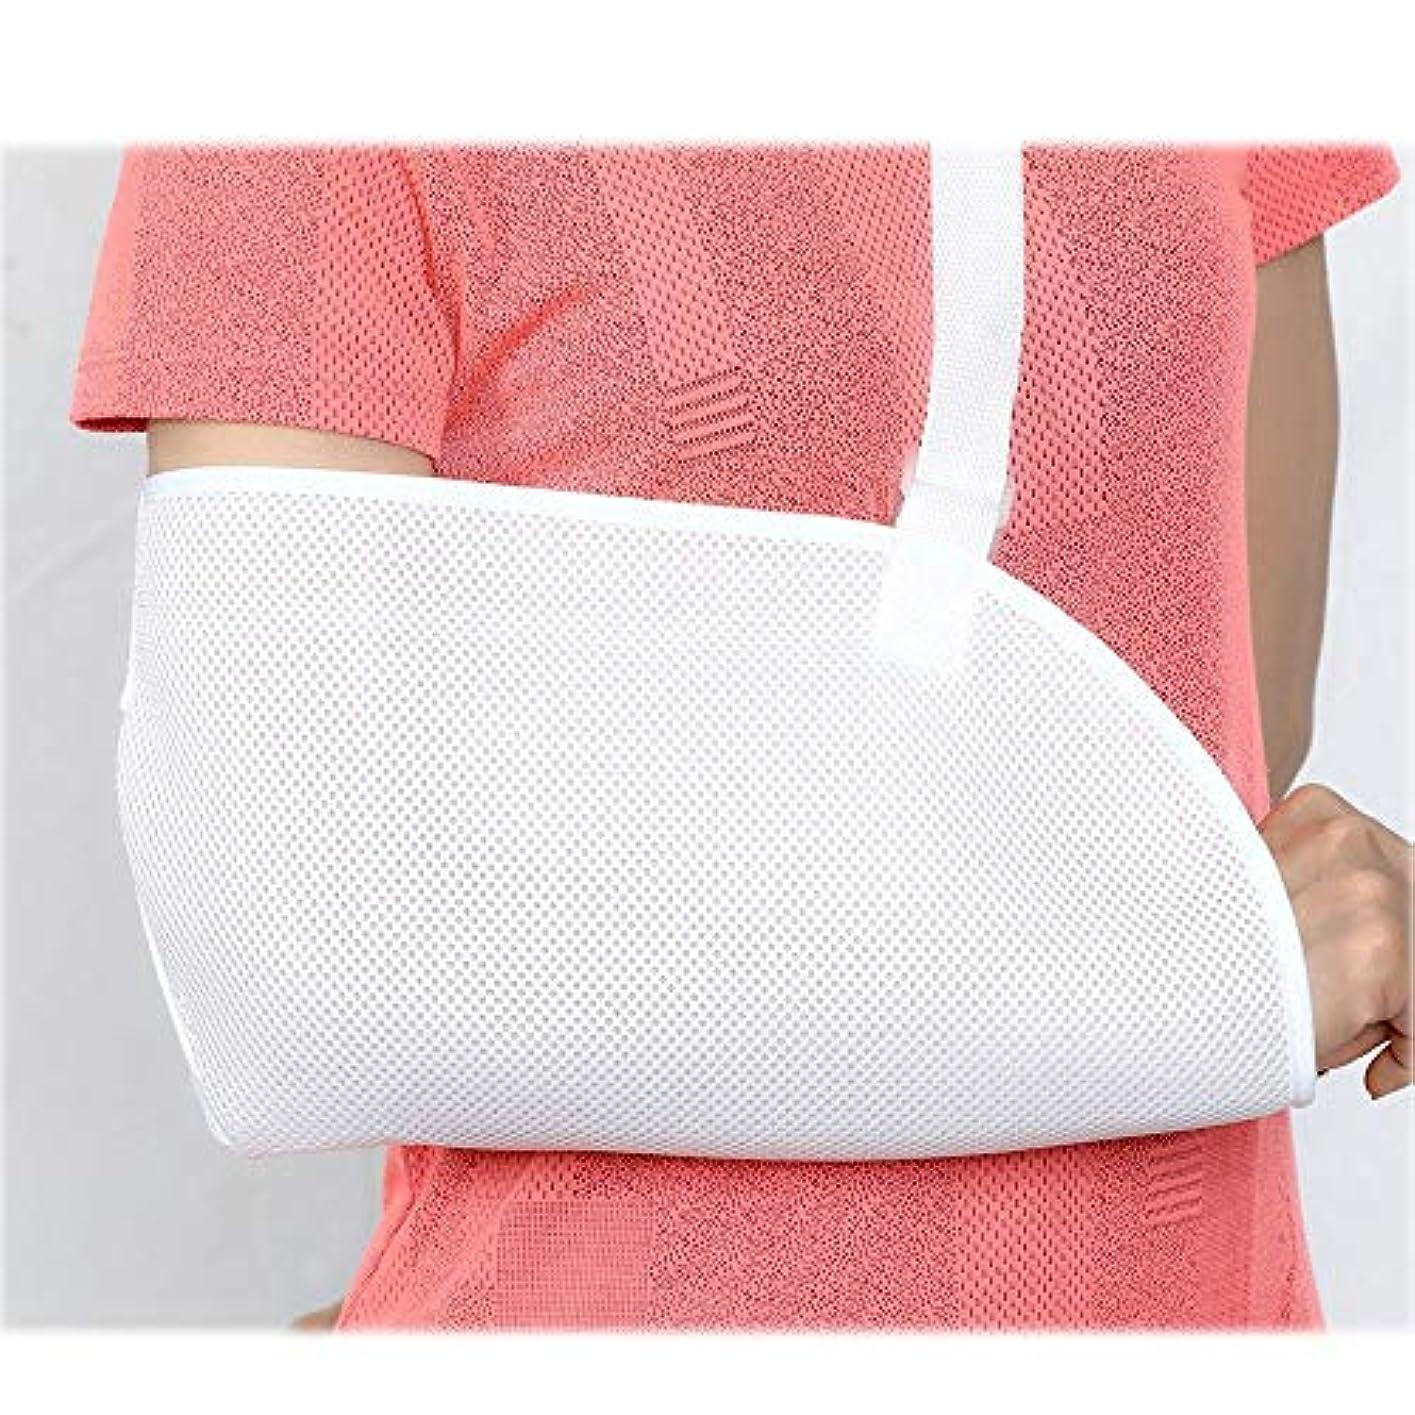 スラック基礎理論放出ZYL-YL 鎖骨前腕スリング脱臼固定アームをショルダーサポートの保護具を肩快適な腕骨折のサポート (色 : ホワイト)